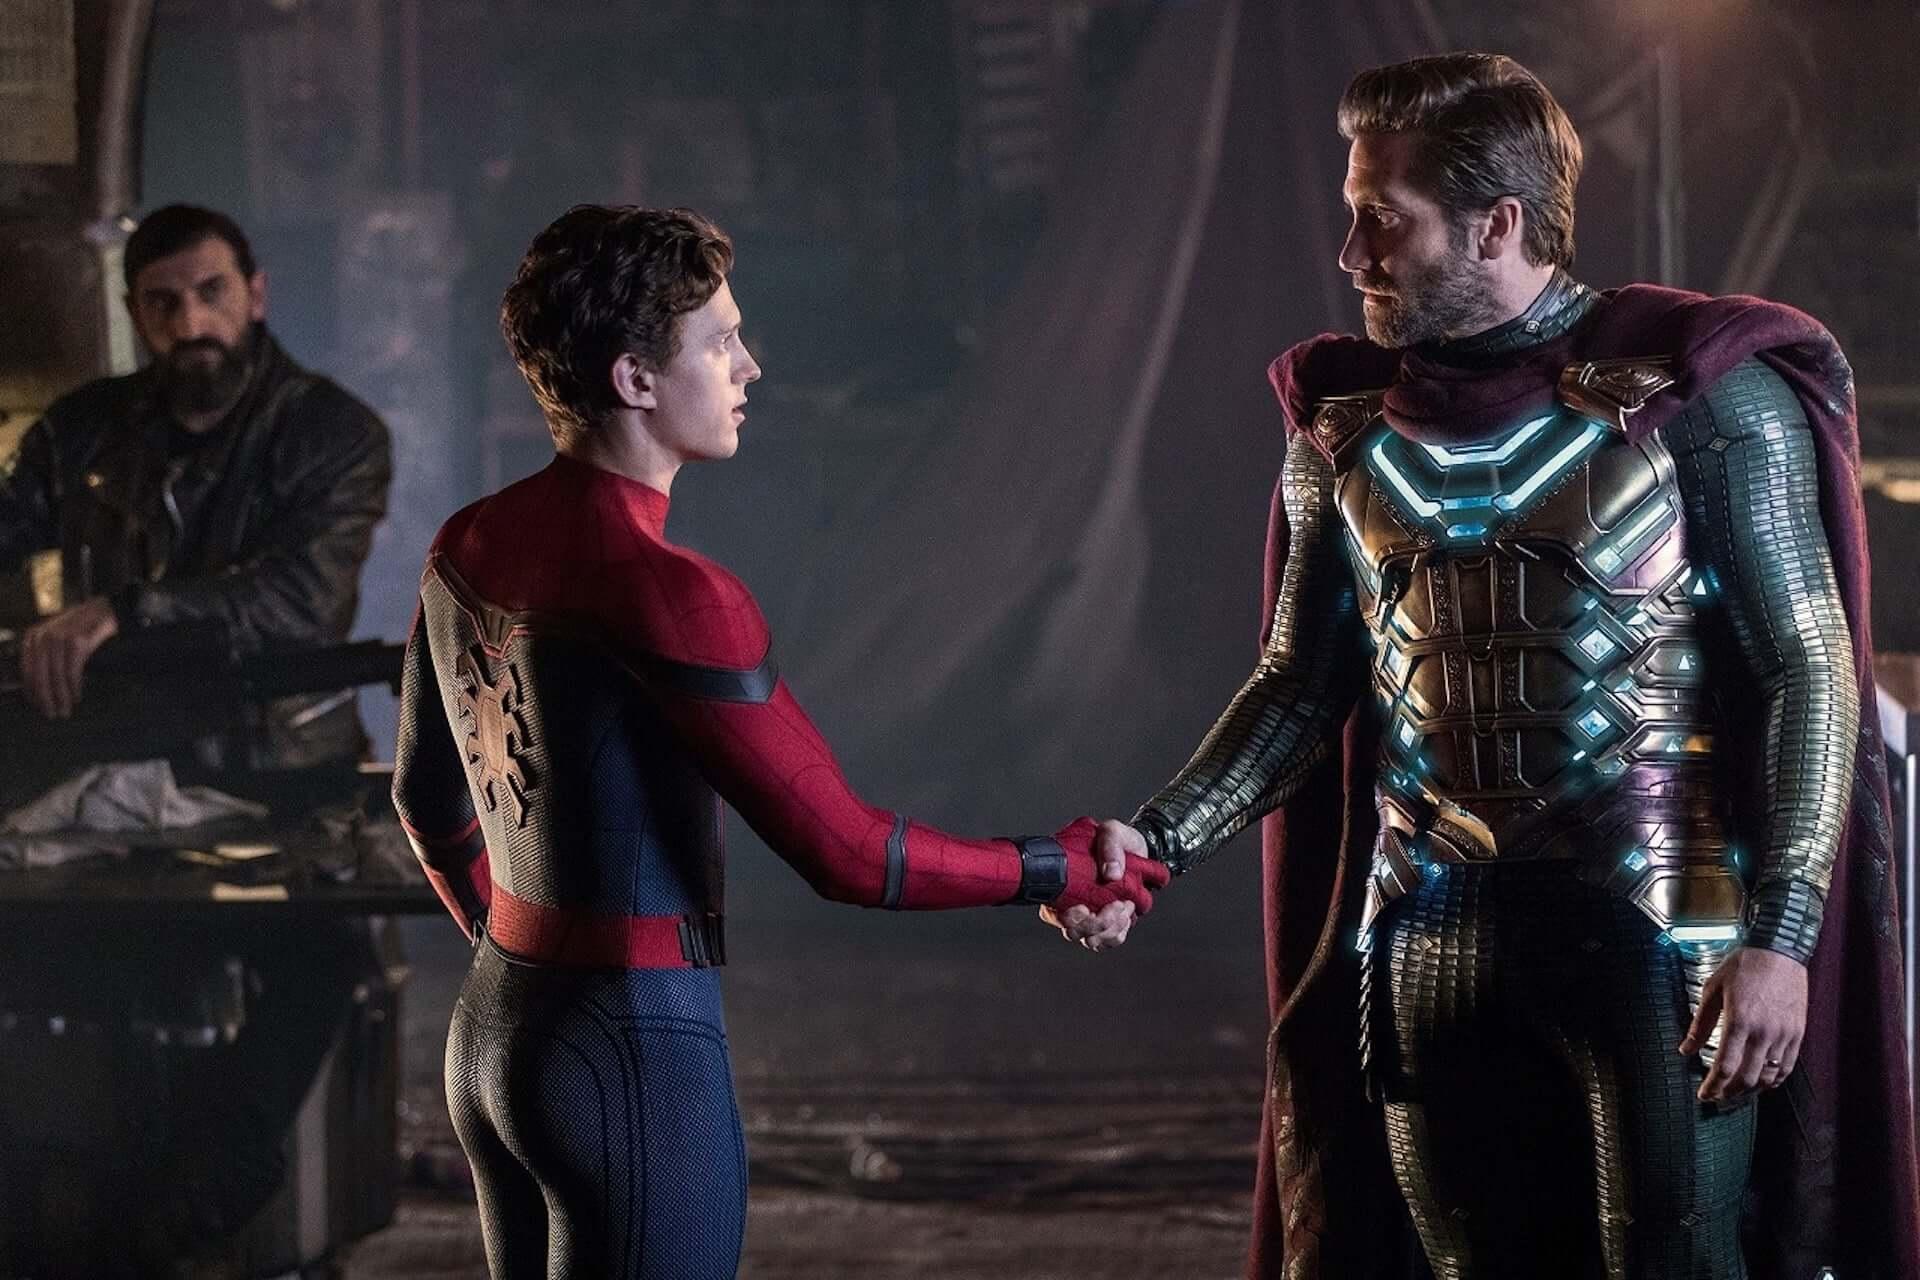 『スパイダーマン:ファー・フロム・ホーム』がソニー歴代2位の興収を記録!前作越えも達成 film190730spiderman-farfromhome_2-1920x1280